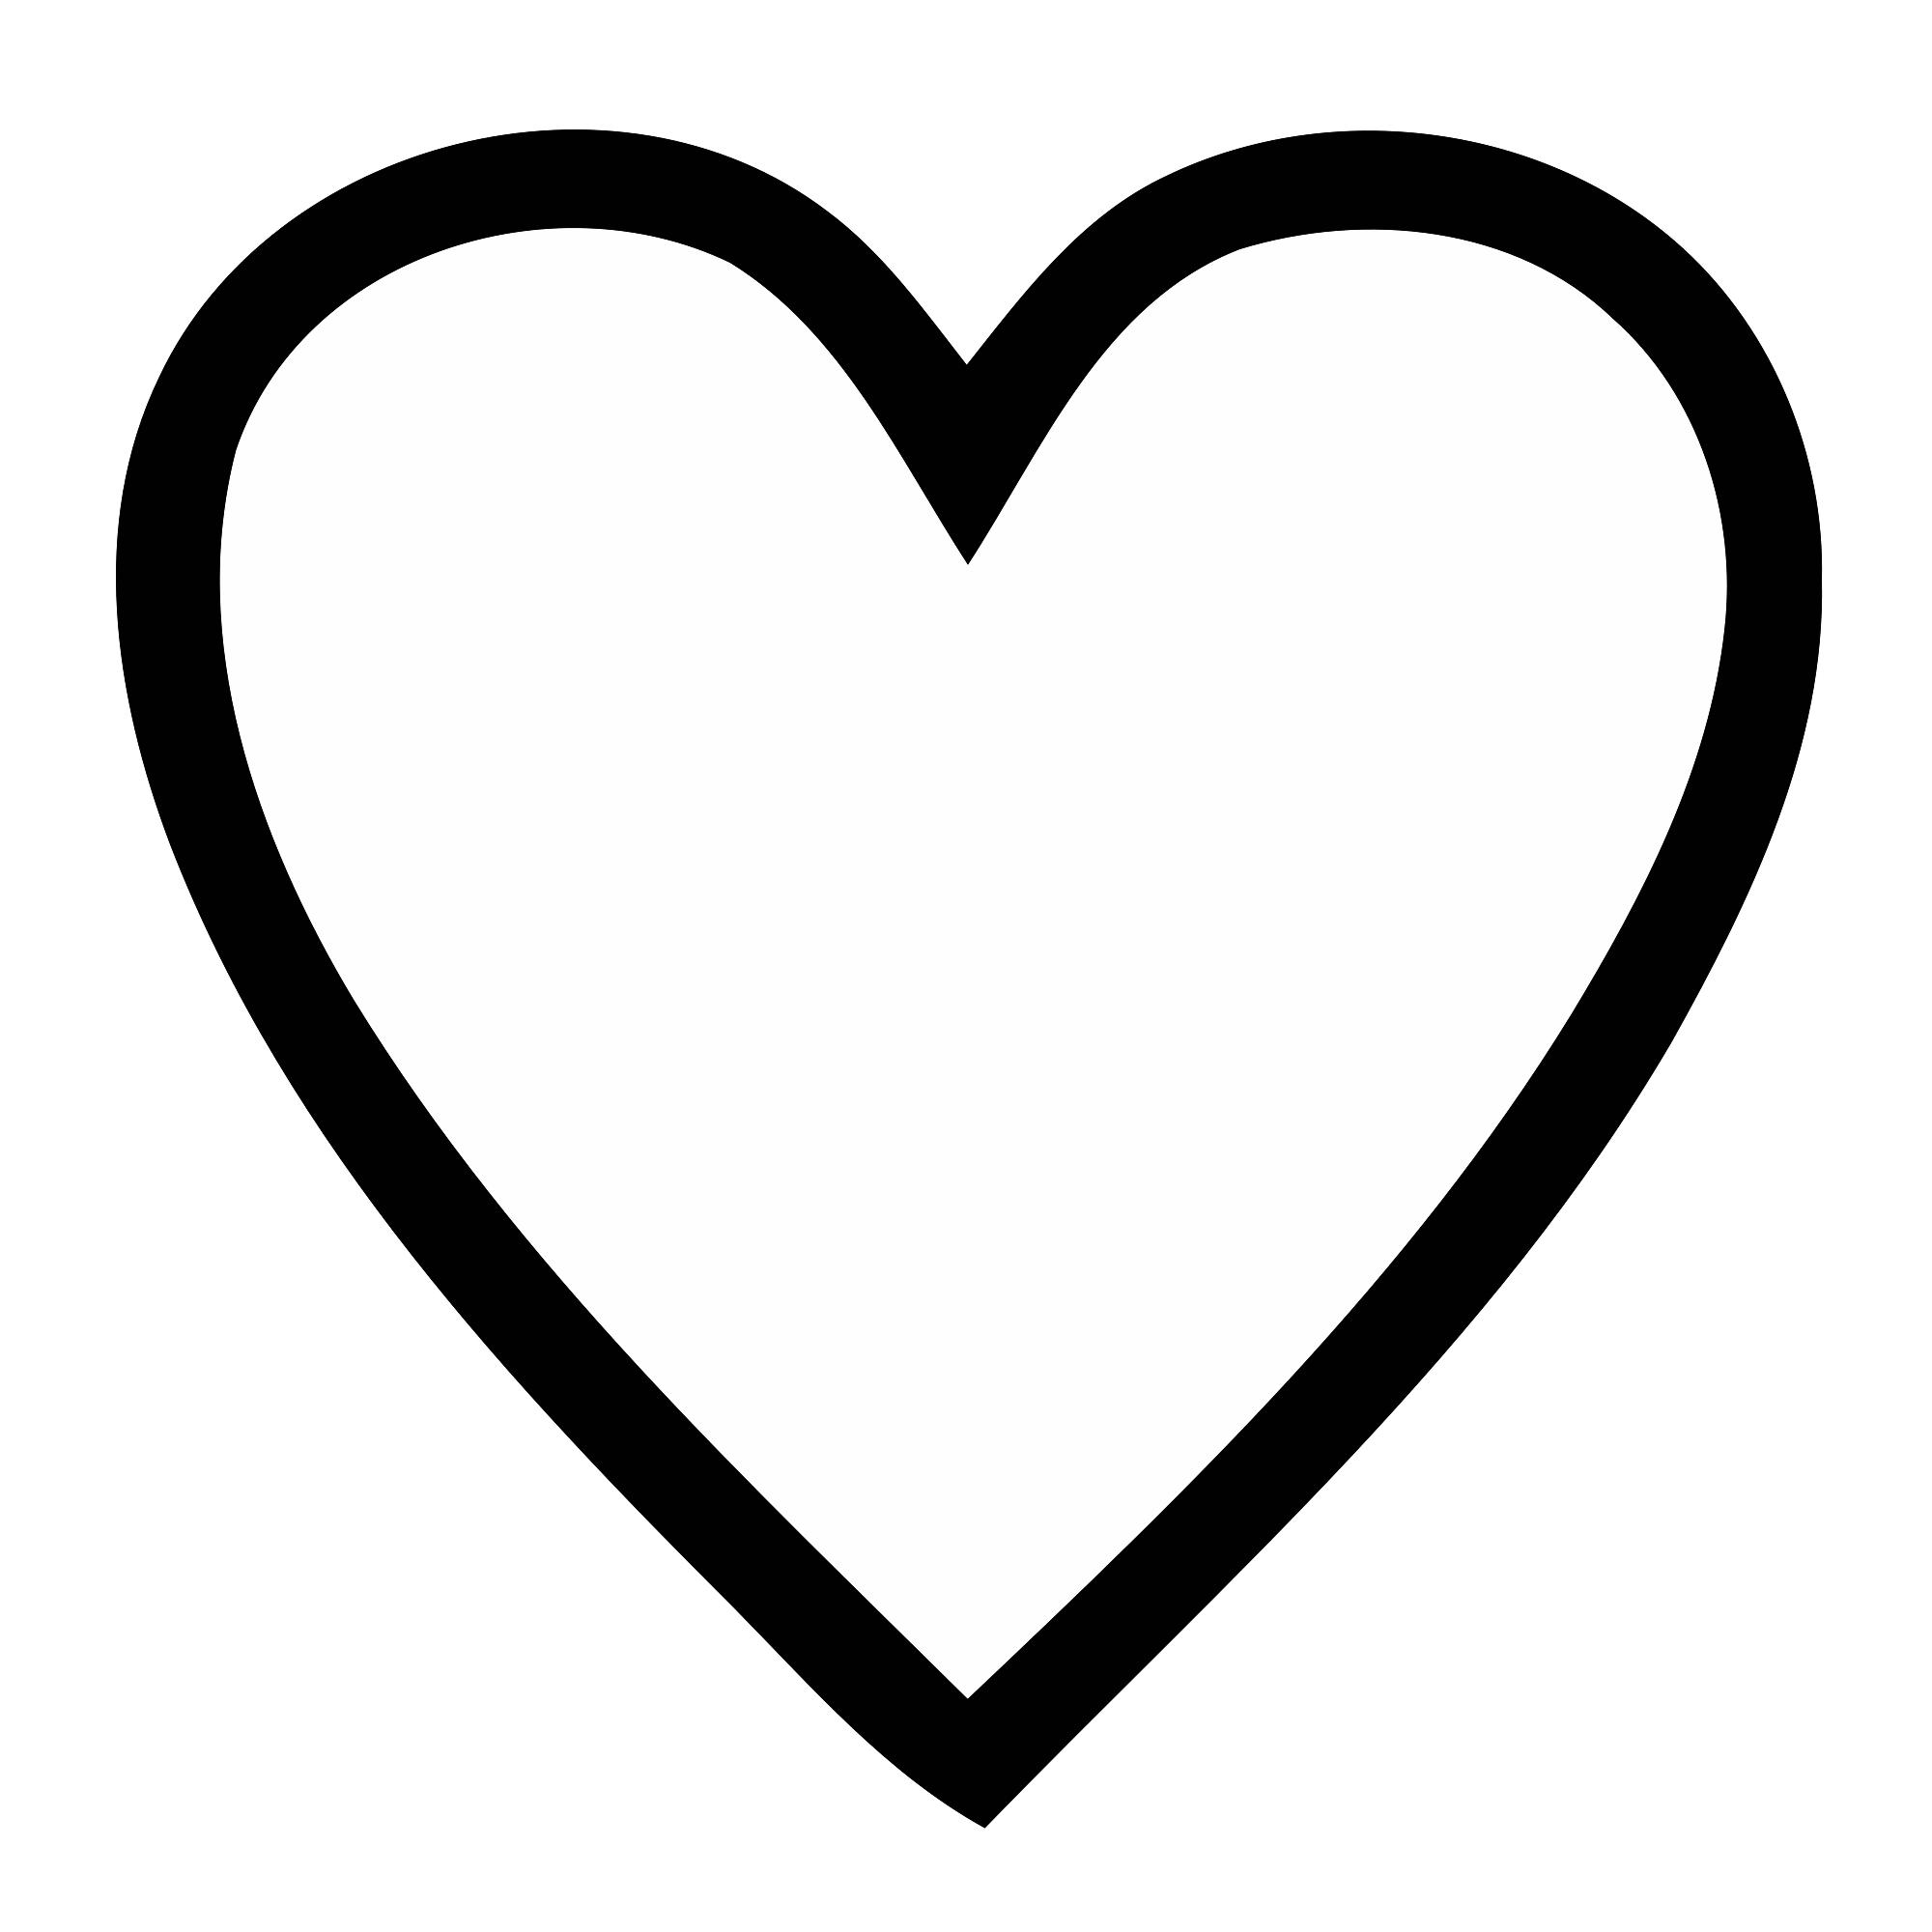 2000x2000 Editable Heart Template